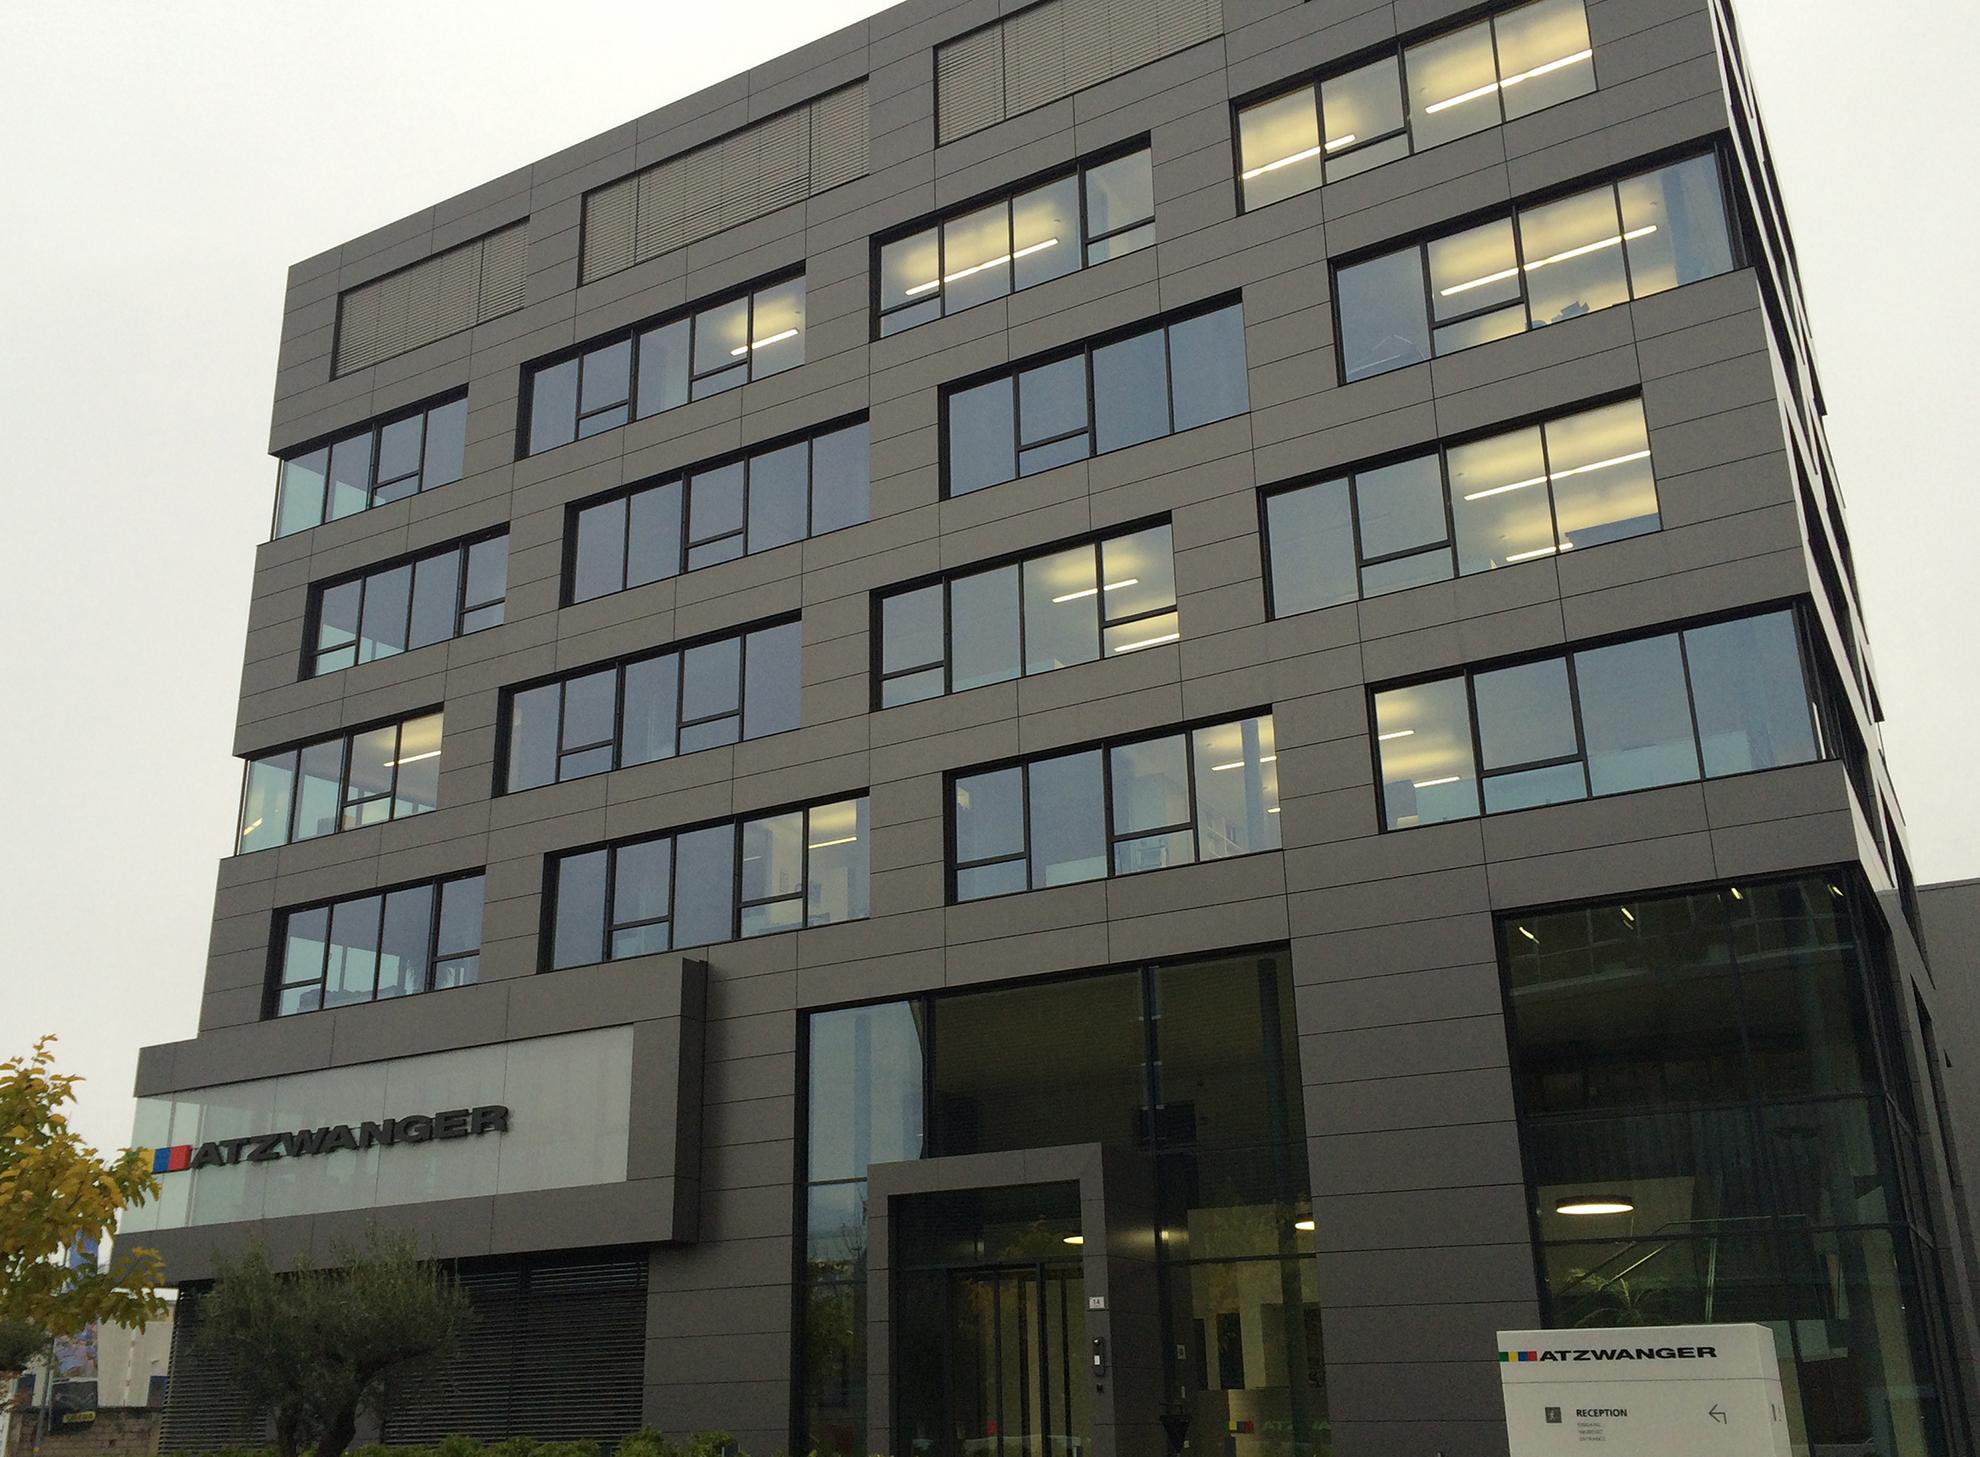 Edificio-Atzwanger.-Bolzano-Italia.-larson-PE-Grey-MEtallic-2_1586259971.jpg